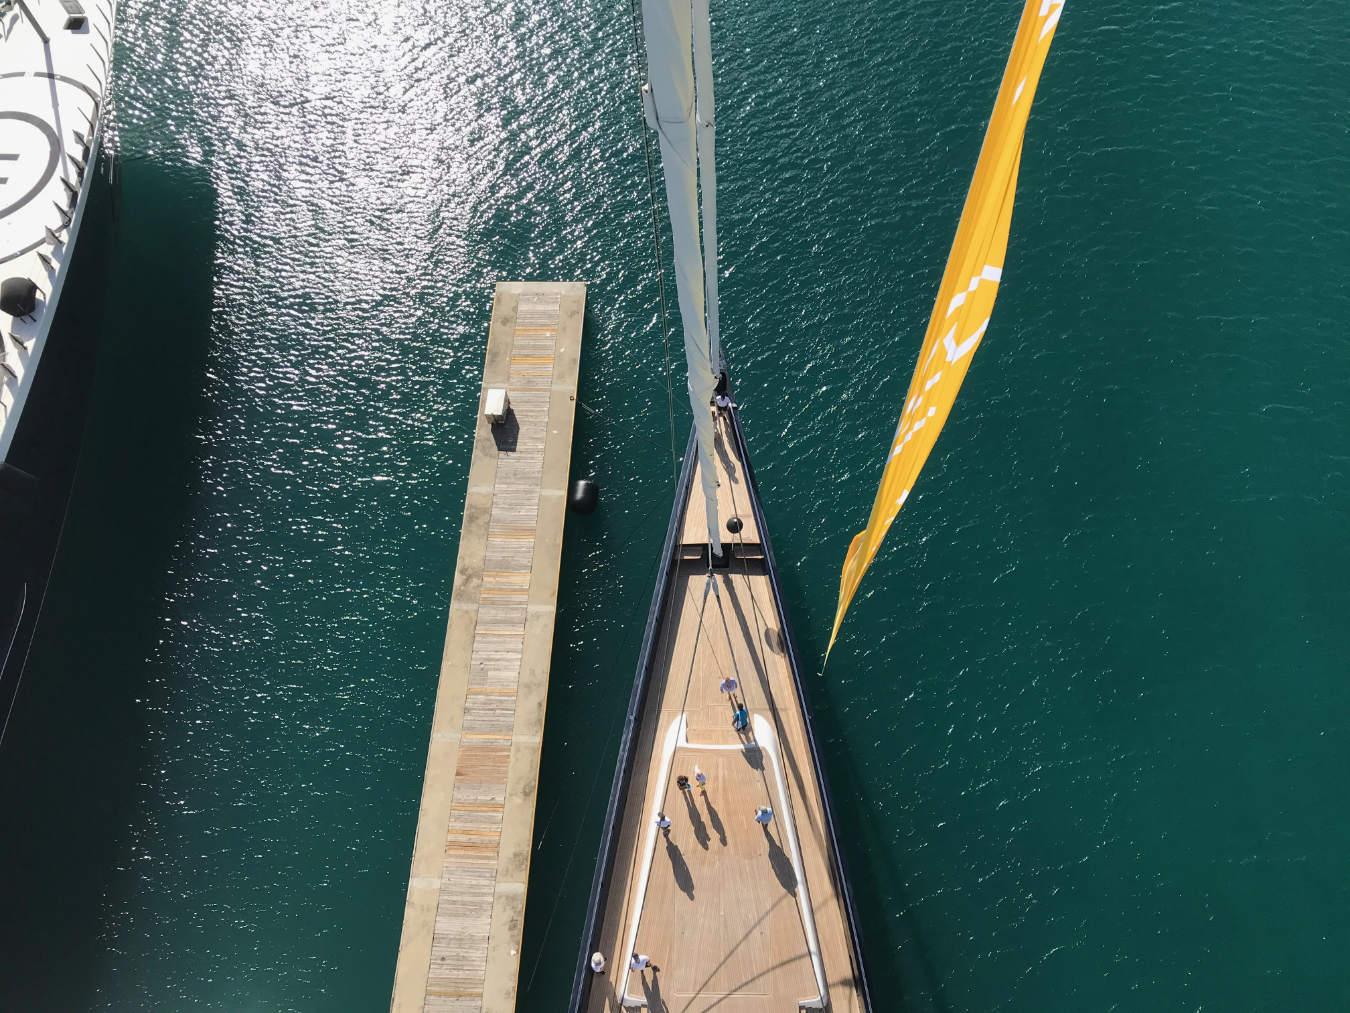 superyacht deck view